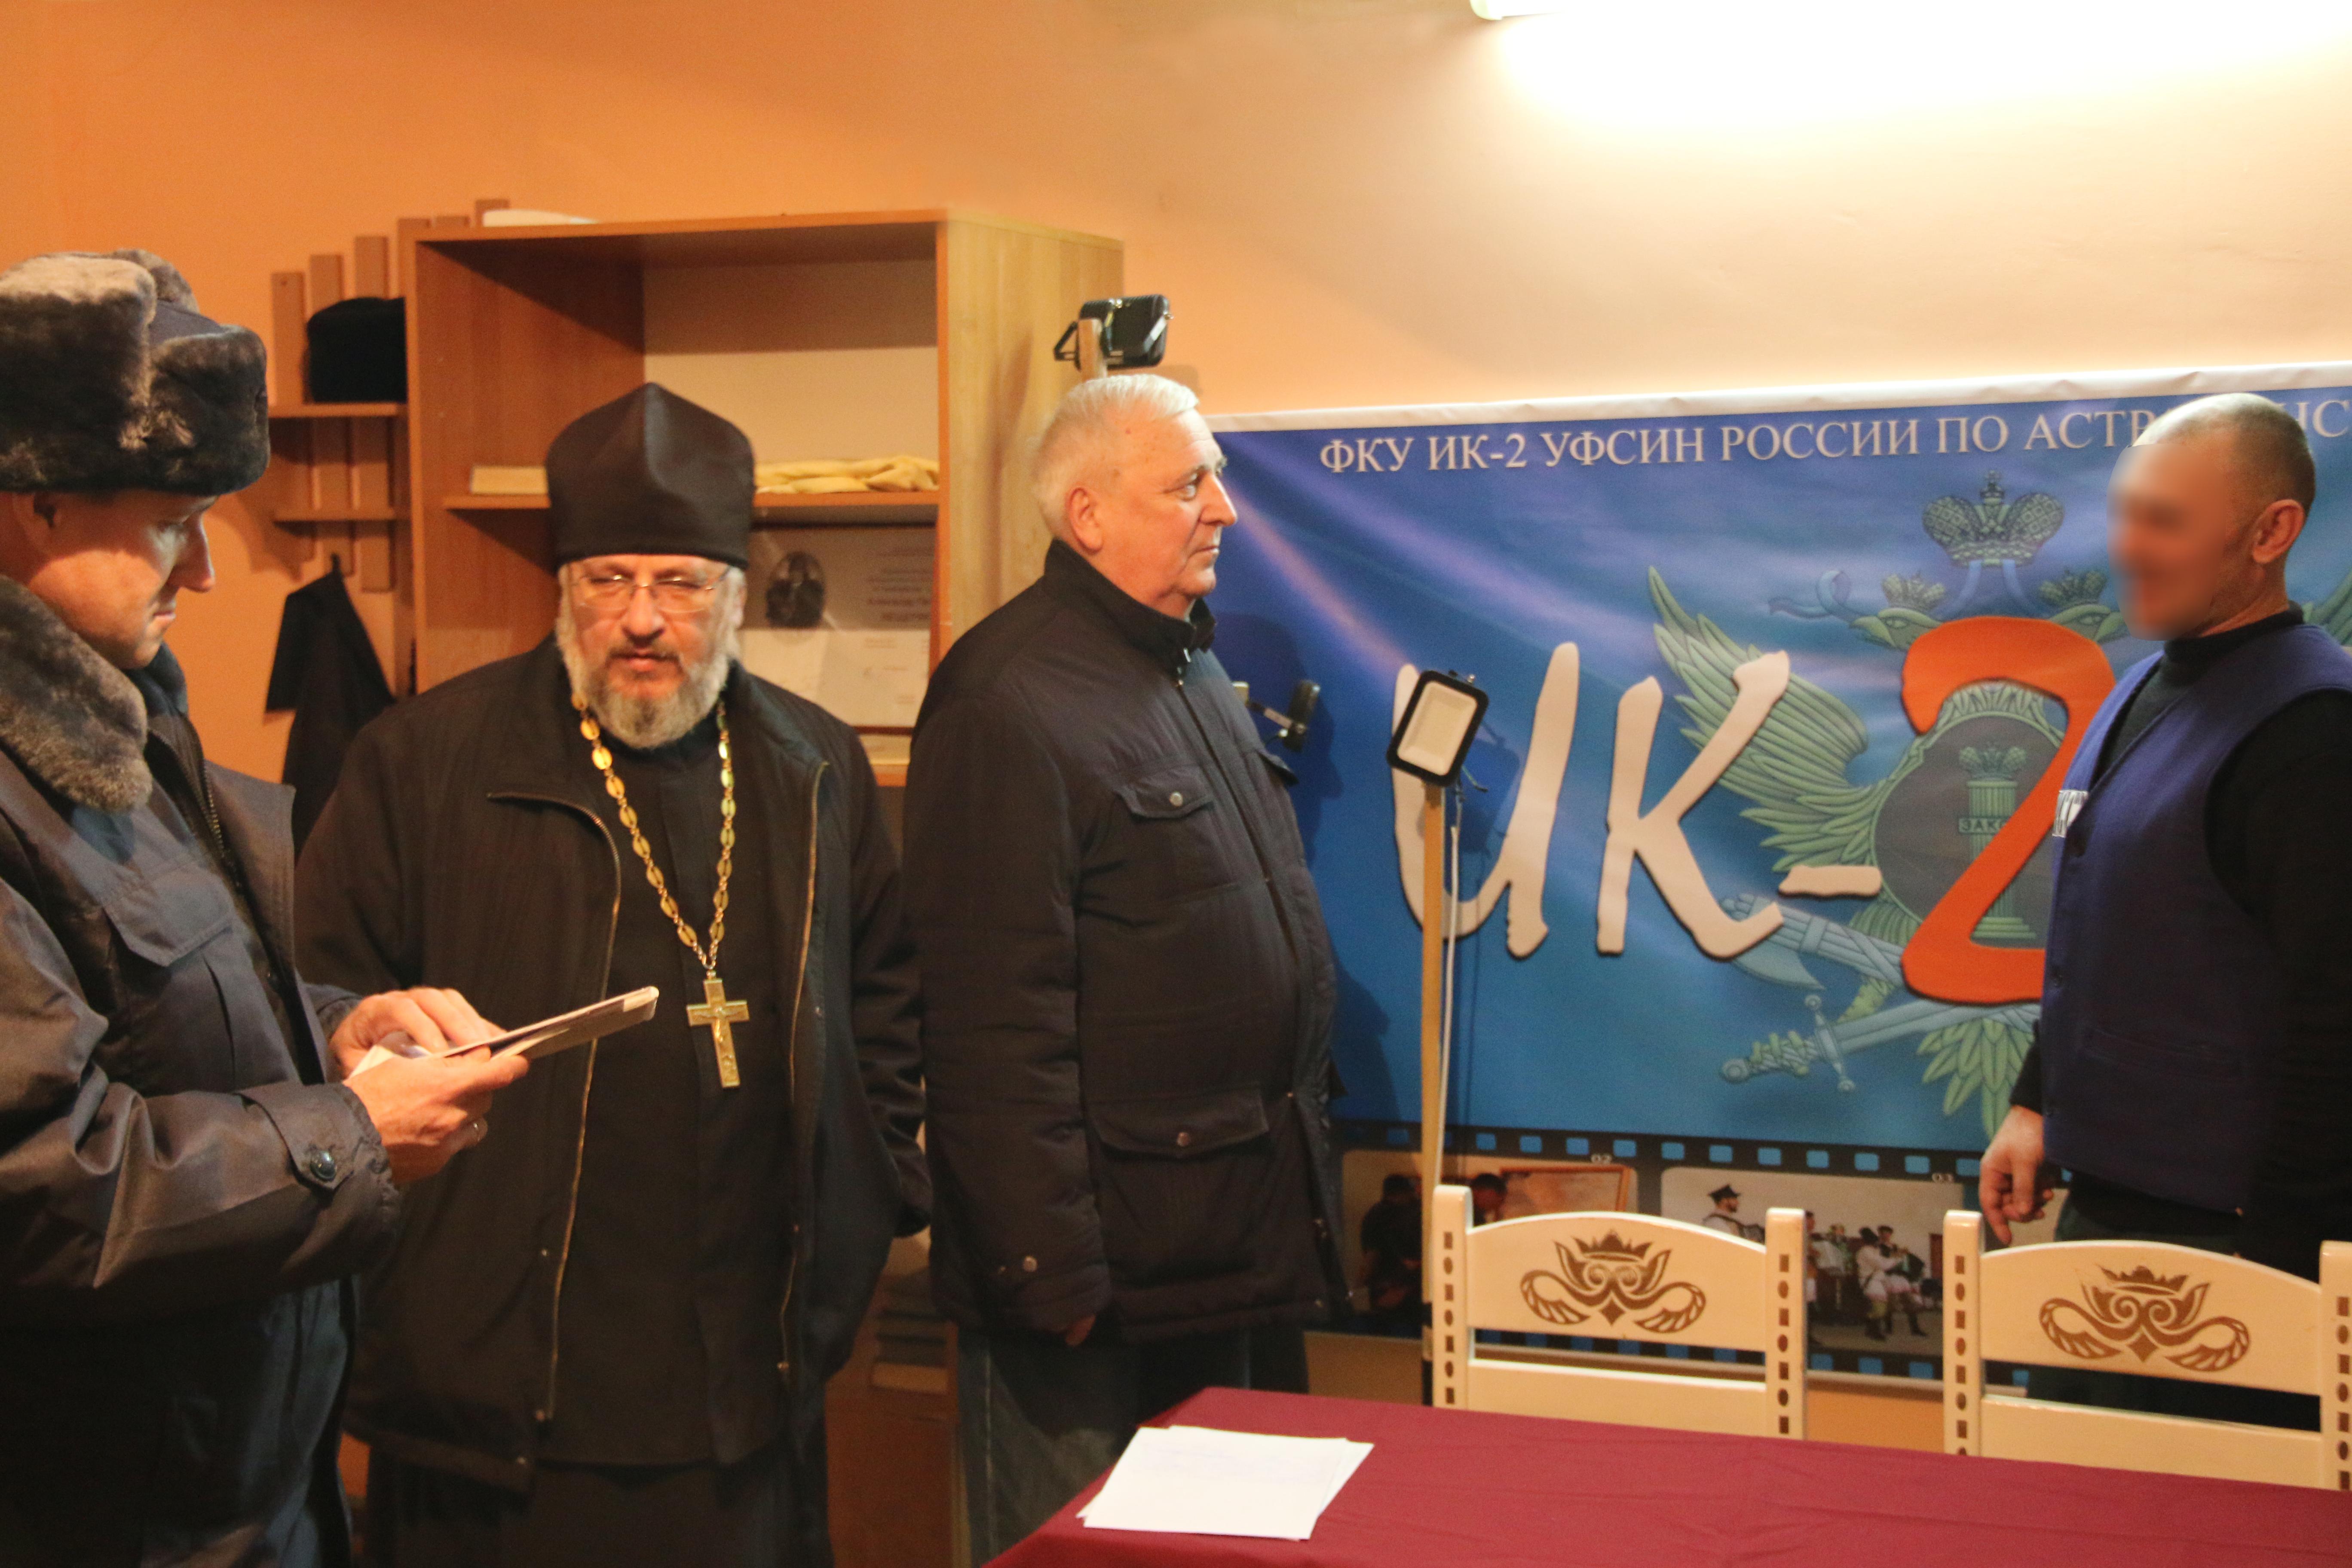 Члены Общественно-наблюдательной комиссии посетили исправительную колонию №2